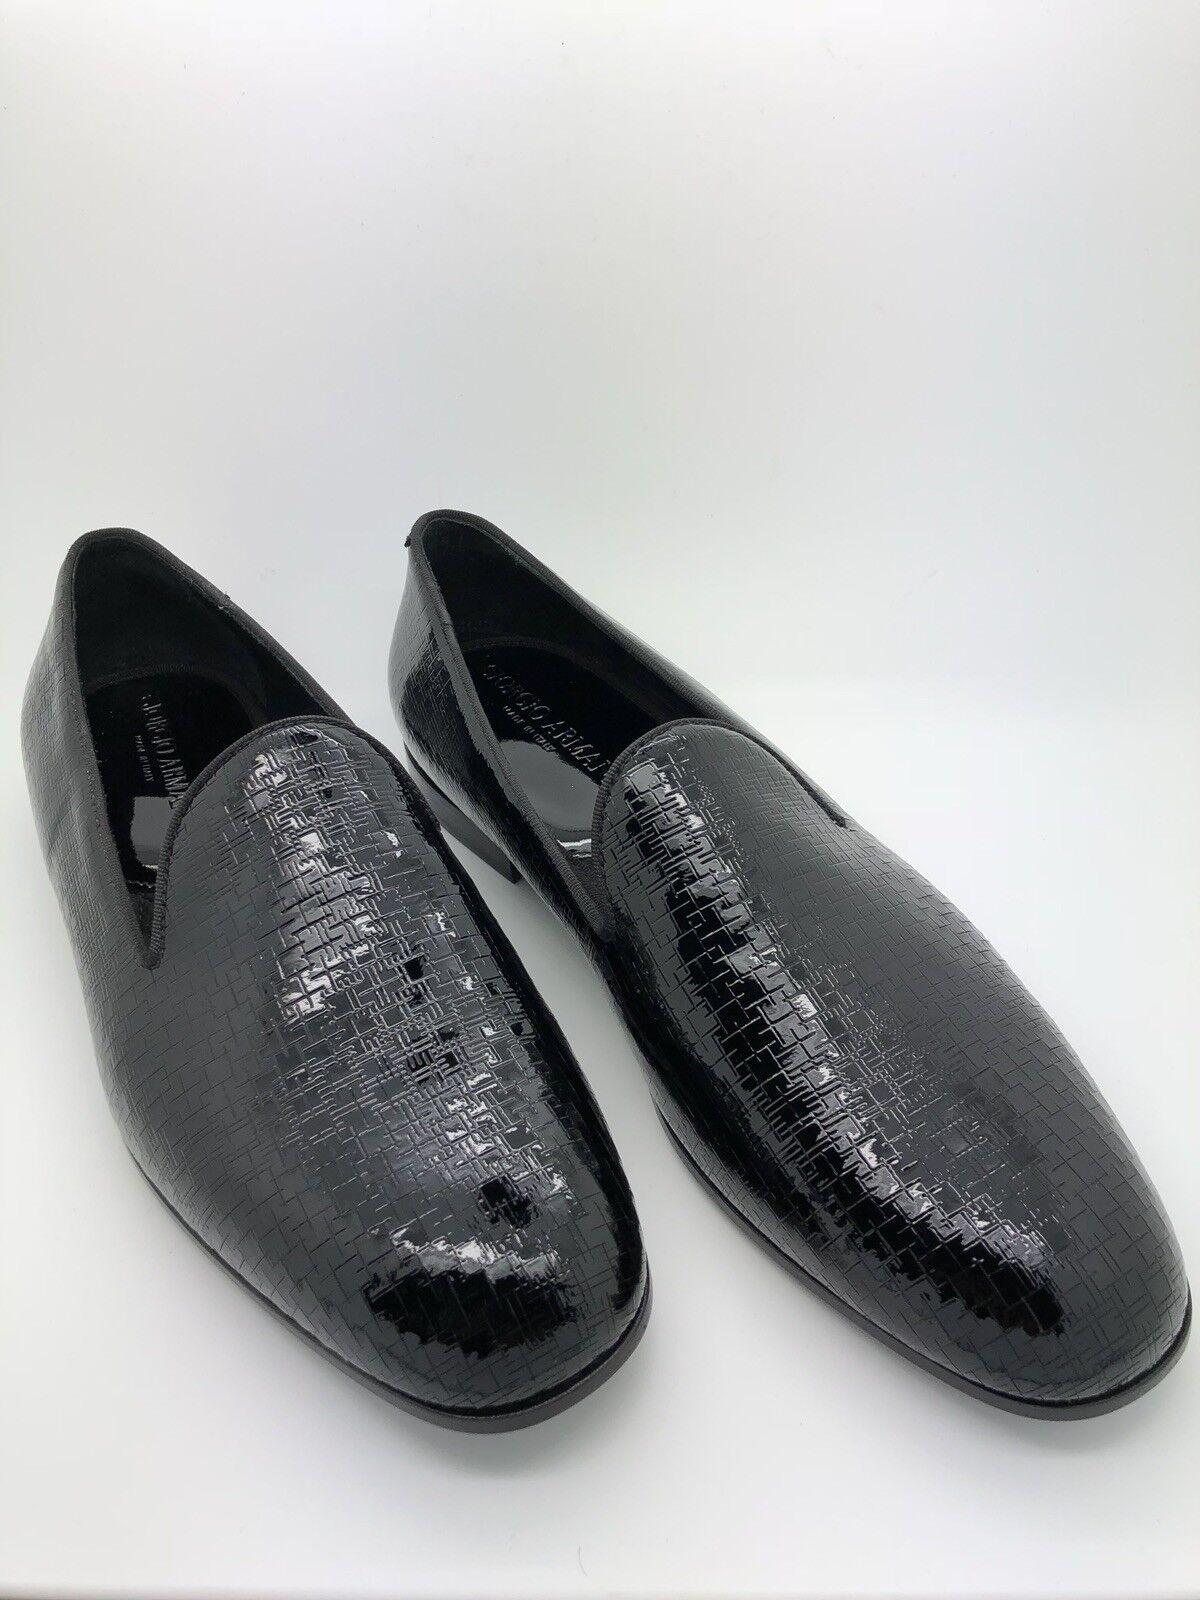 consegna rapida    795 Giorgio Armani Textured Patent Leather Slippers Dimensione 8.5  per offrirti un piacevole shopping online